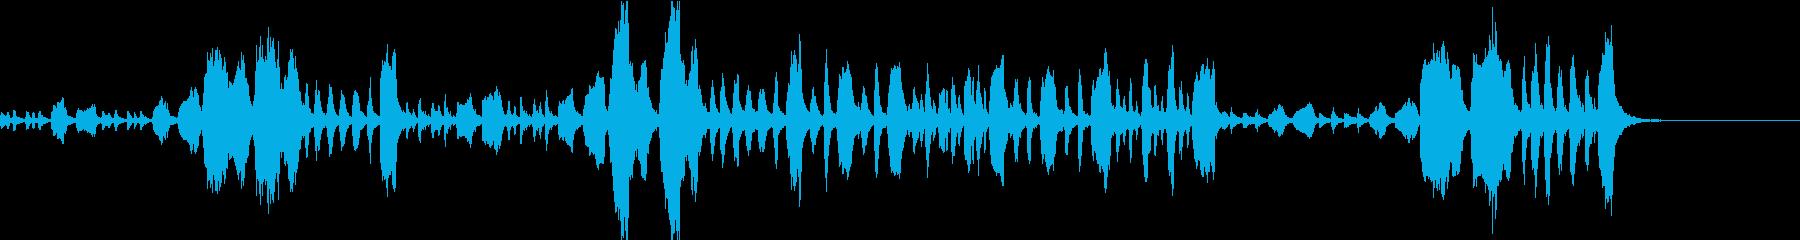 おどけた感じの短い曲ですの再生済みの波形